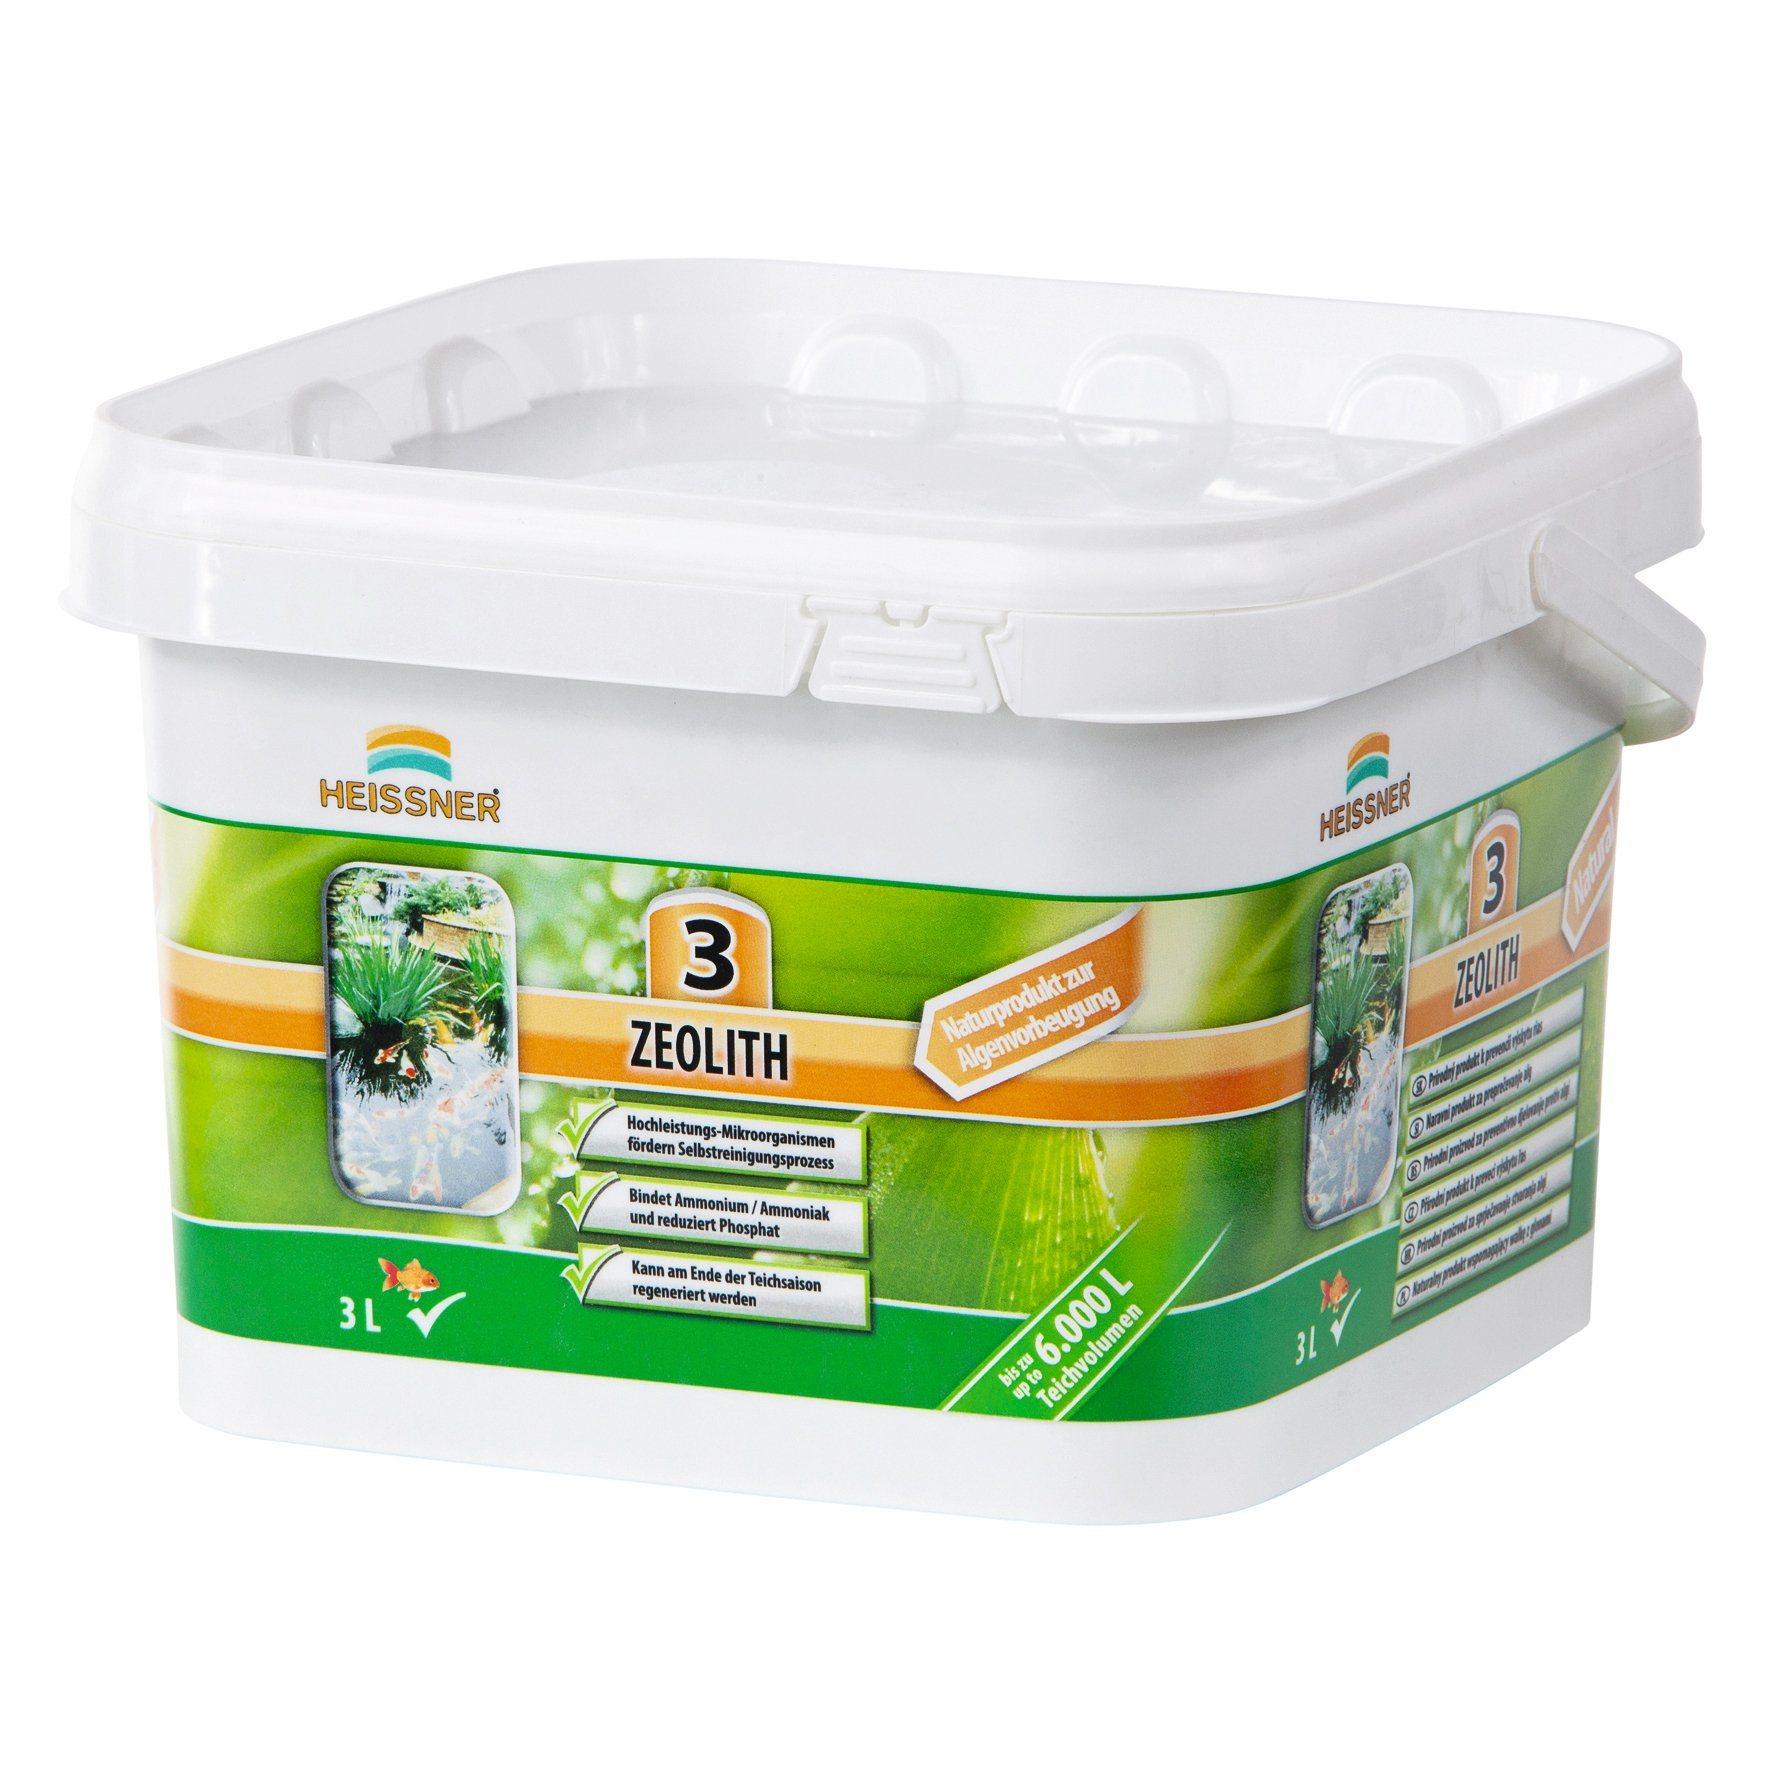 Teichpflege »Zeolith«, 3 kg